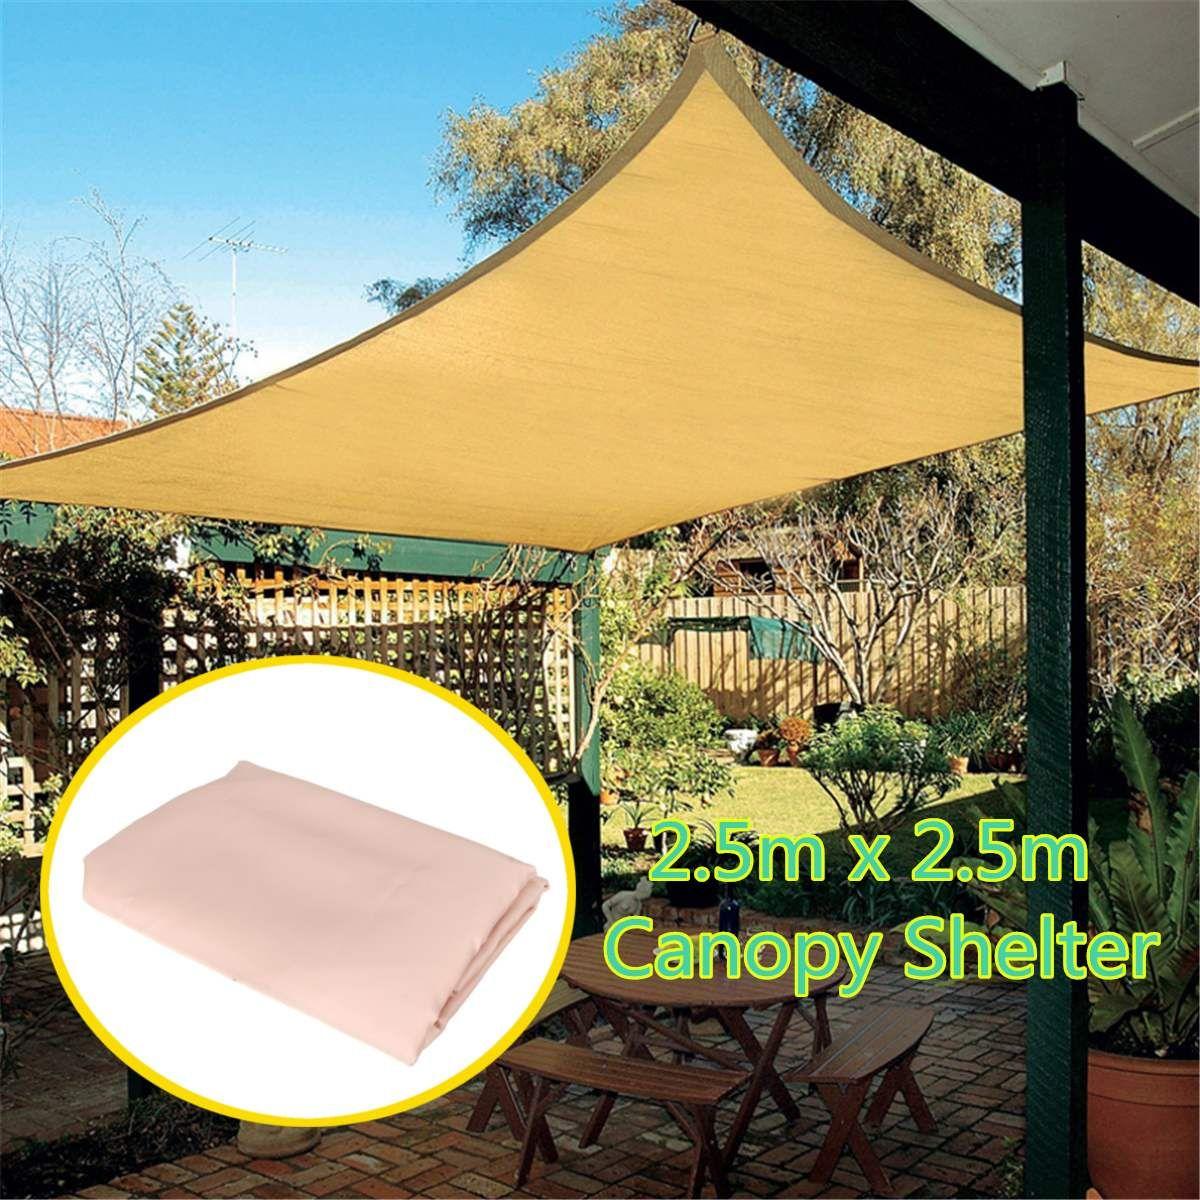 Waterproof Polyester Top Sun Shade Sail Shelter Outdoor Garden Car Cover Awning Canopy Patio Garden Accessories 2 5x2 5m In Awnin Toldo Casero Toldo Como Hacer